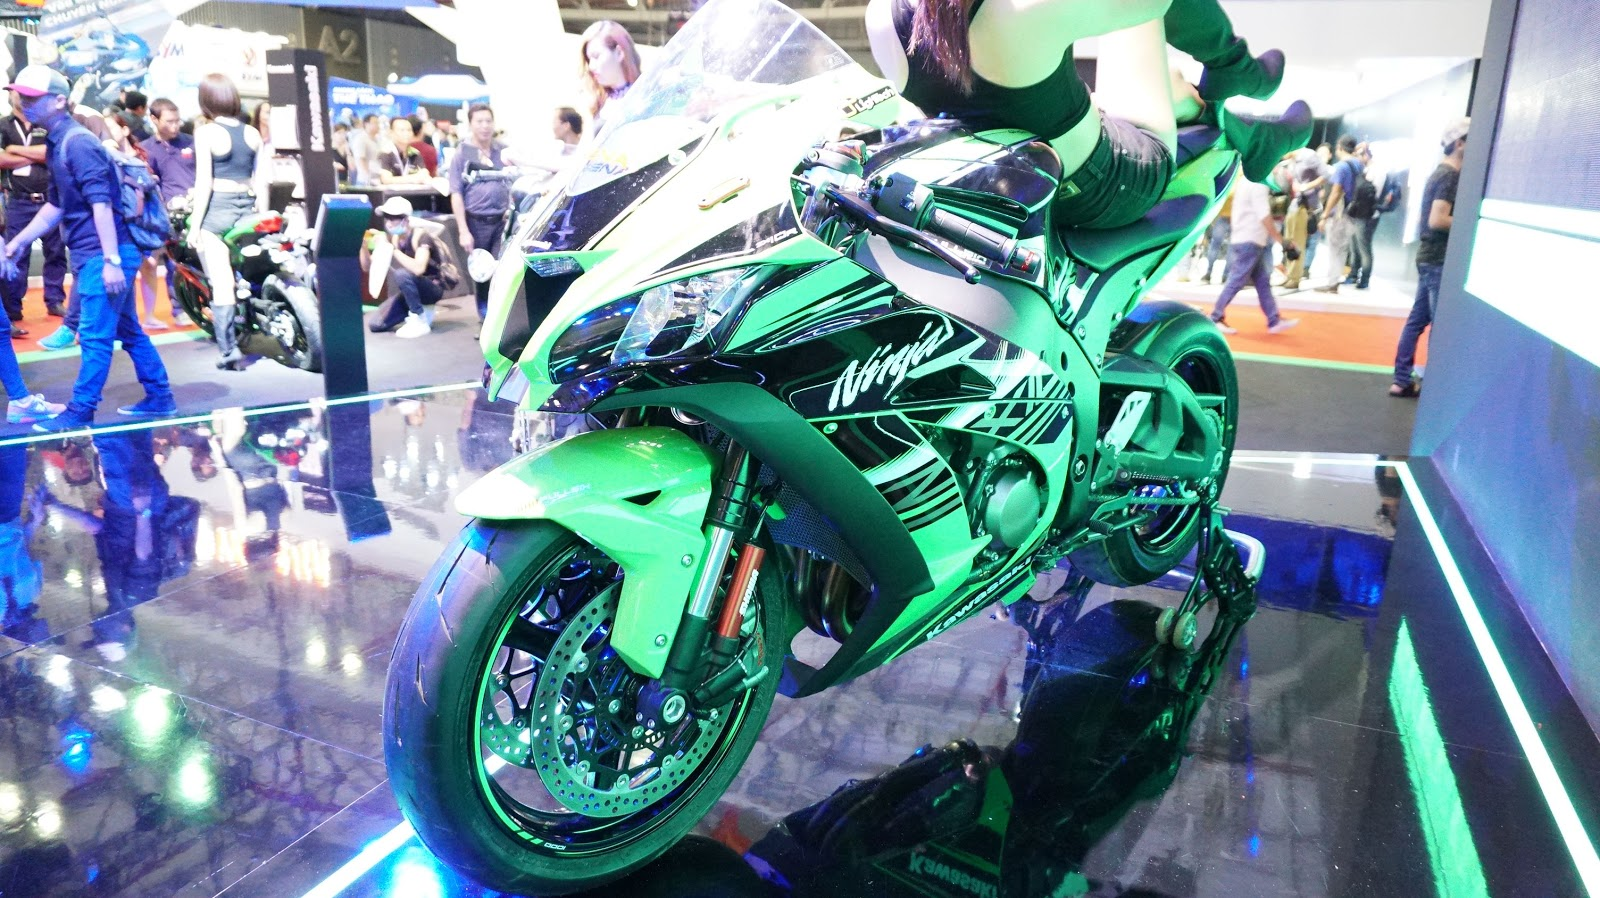 Kawasaki Ninja ZX-10R ABS mạnh gần 200 mã lực, tốc độ siêu cao